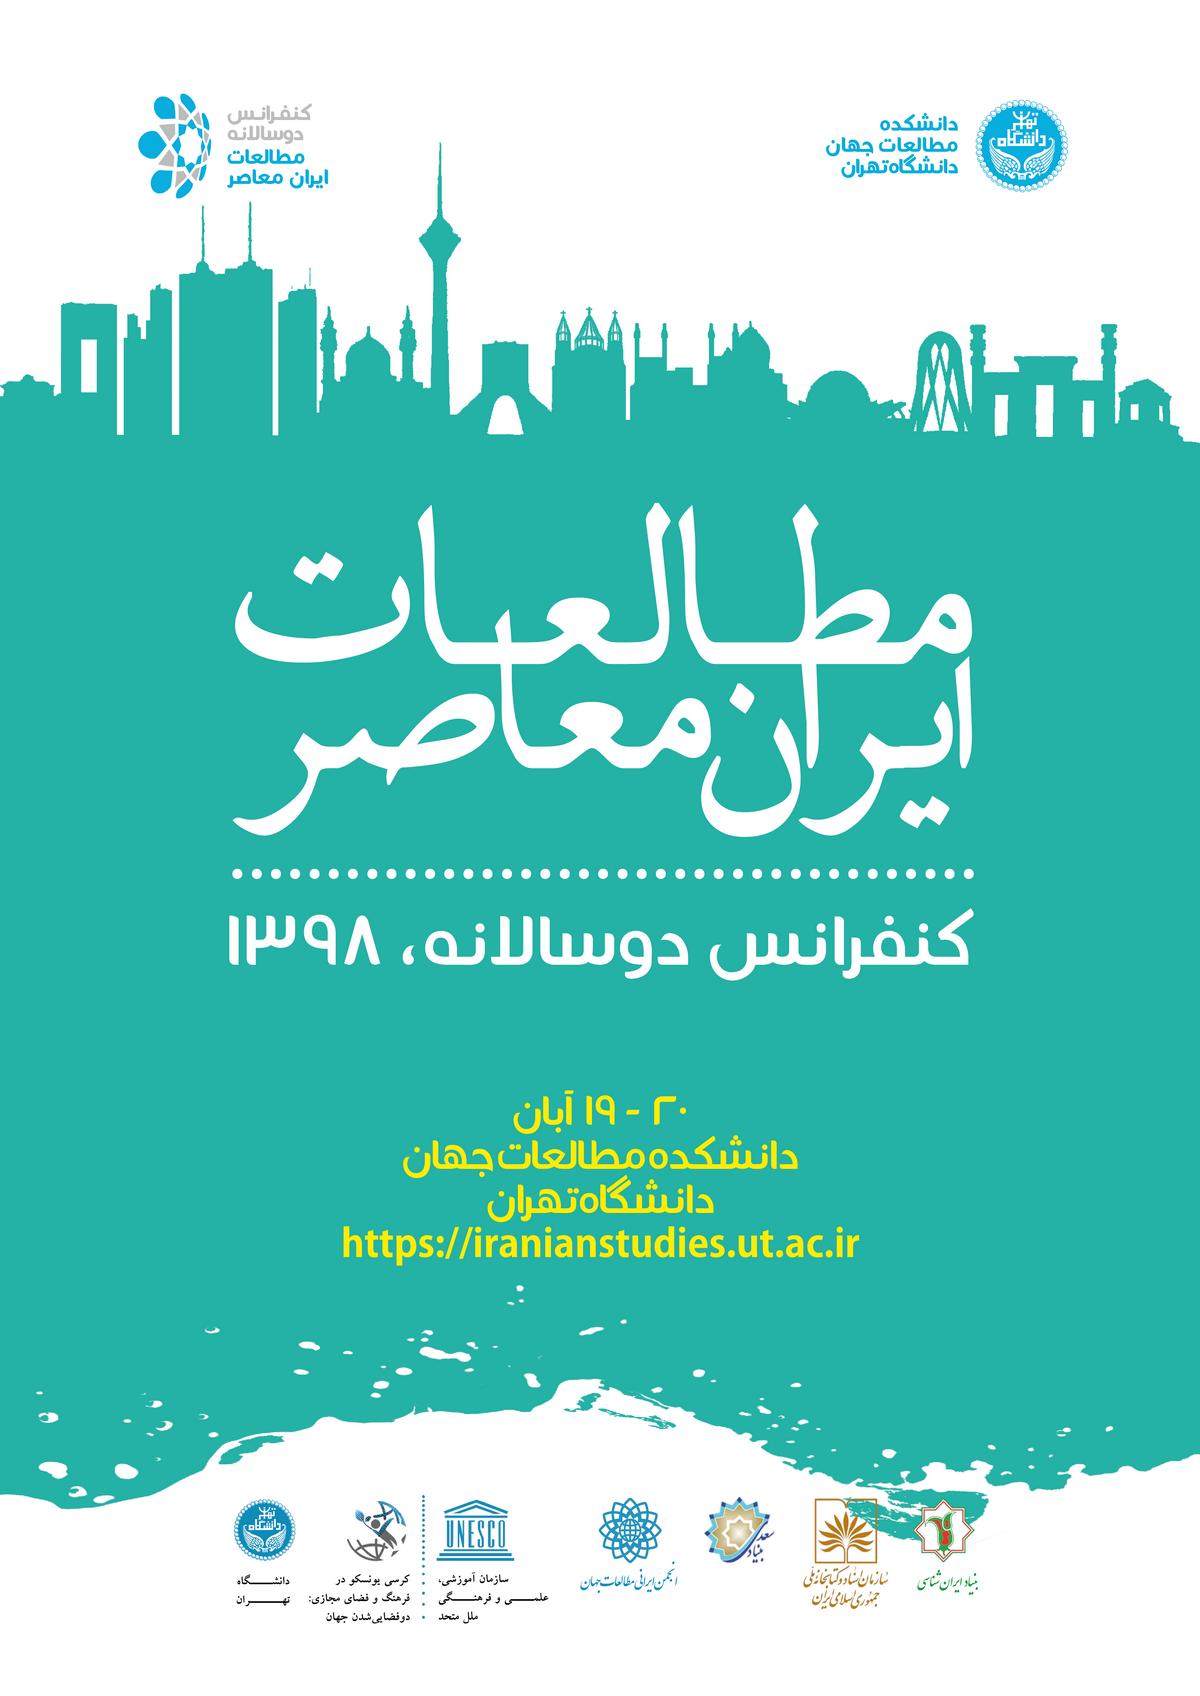 برگزاری کنفرانس دوسالانه مطالعات ایران معاصر